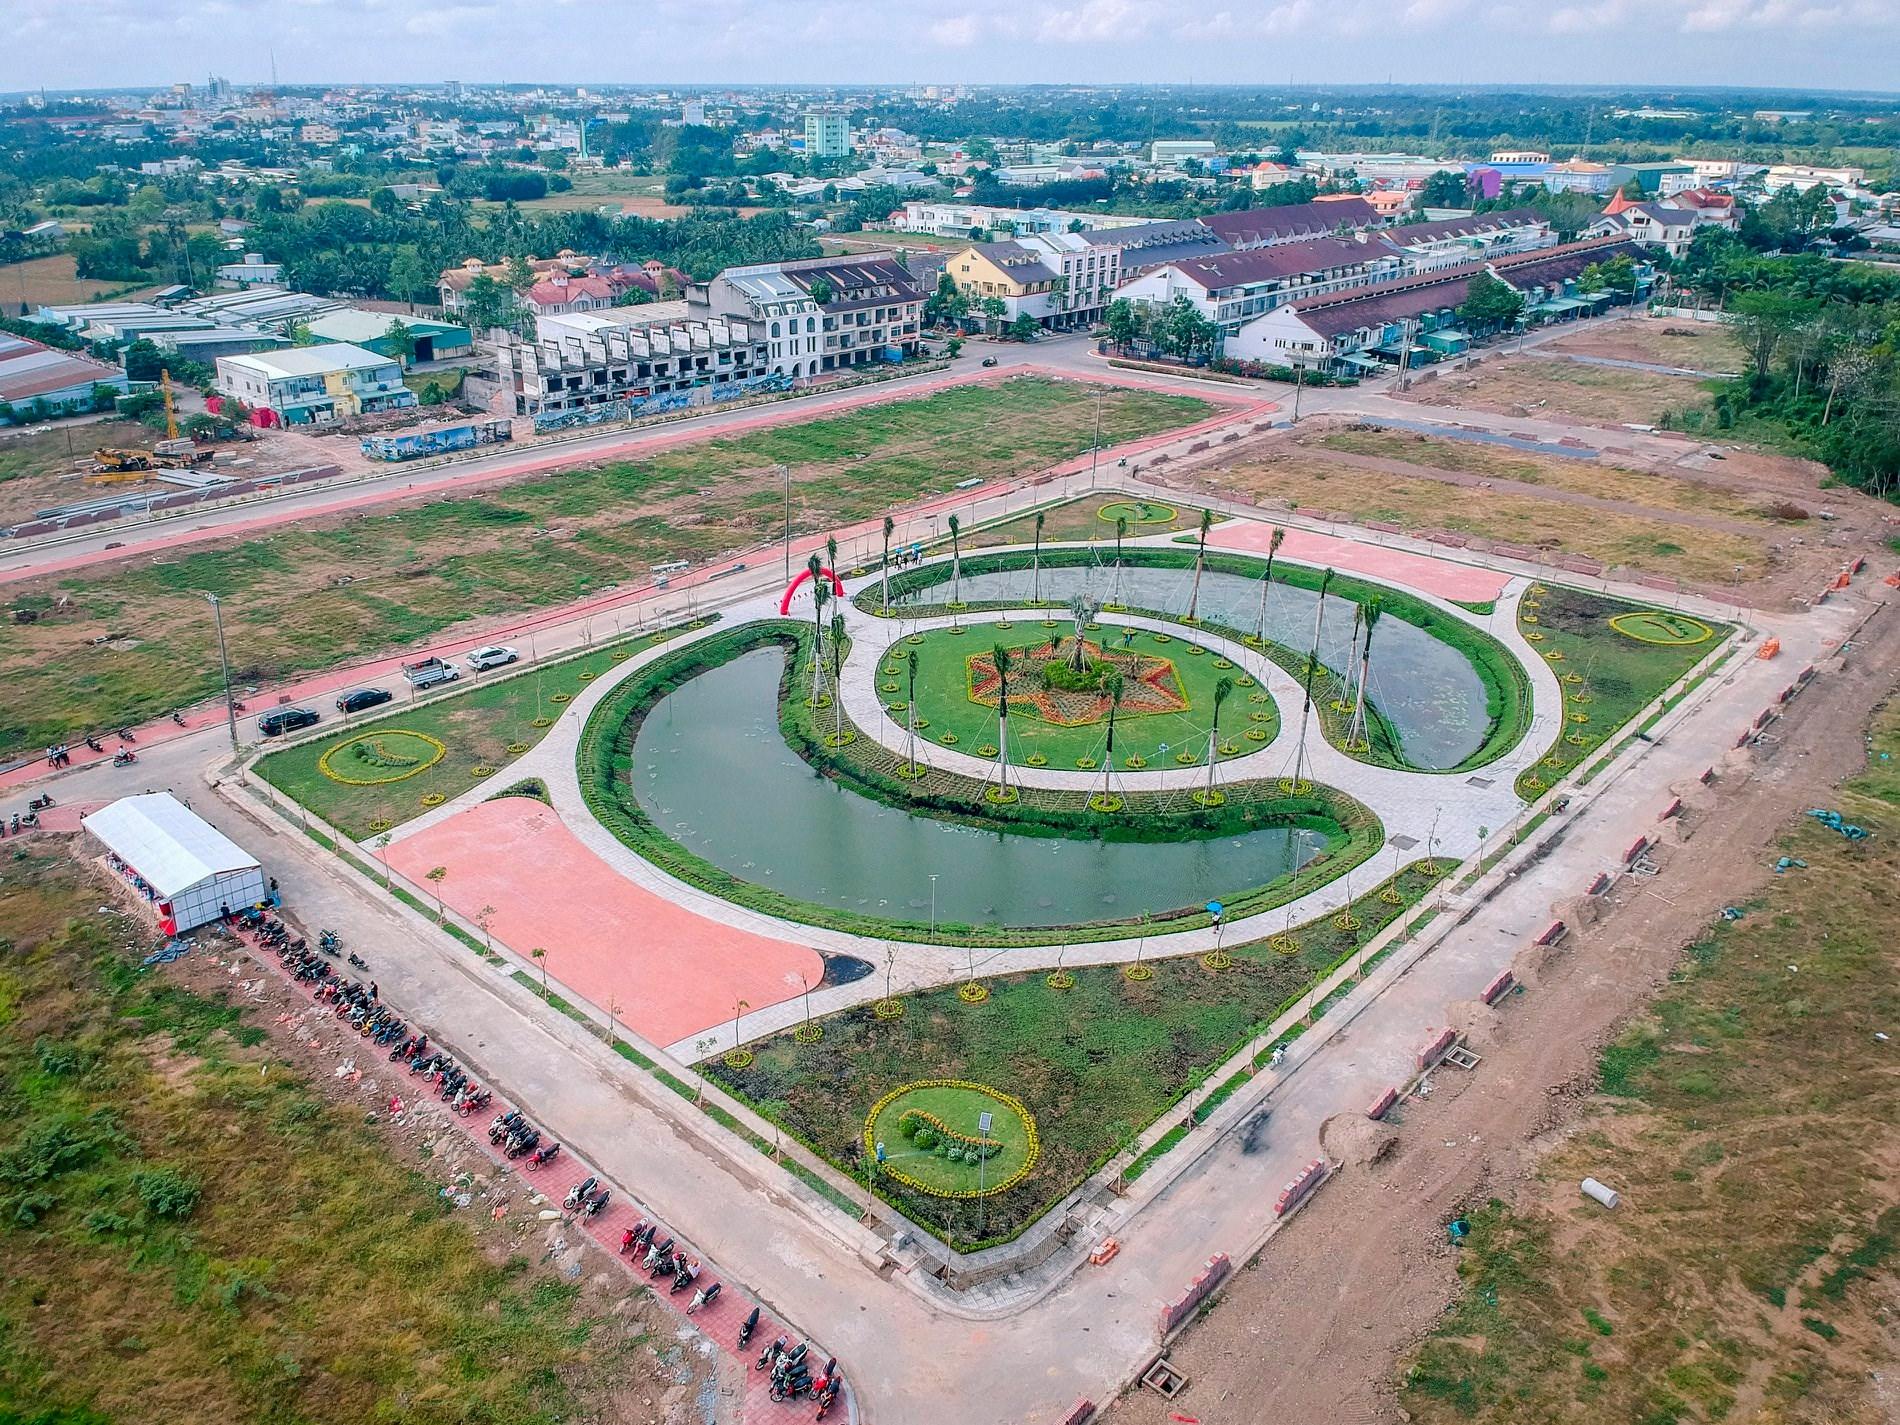 Khánh thành công viên trung tâm Khu dân cư Minh Châu (Vạn Phát Avenue)